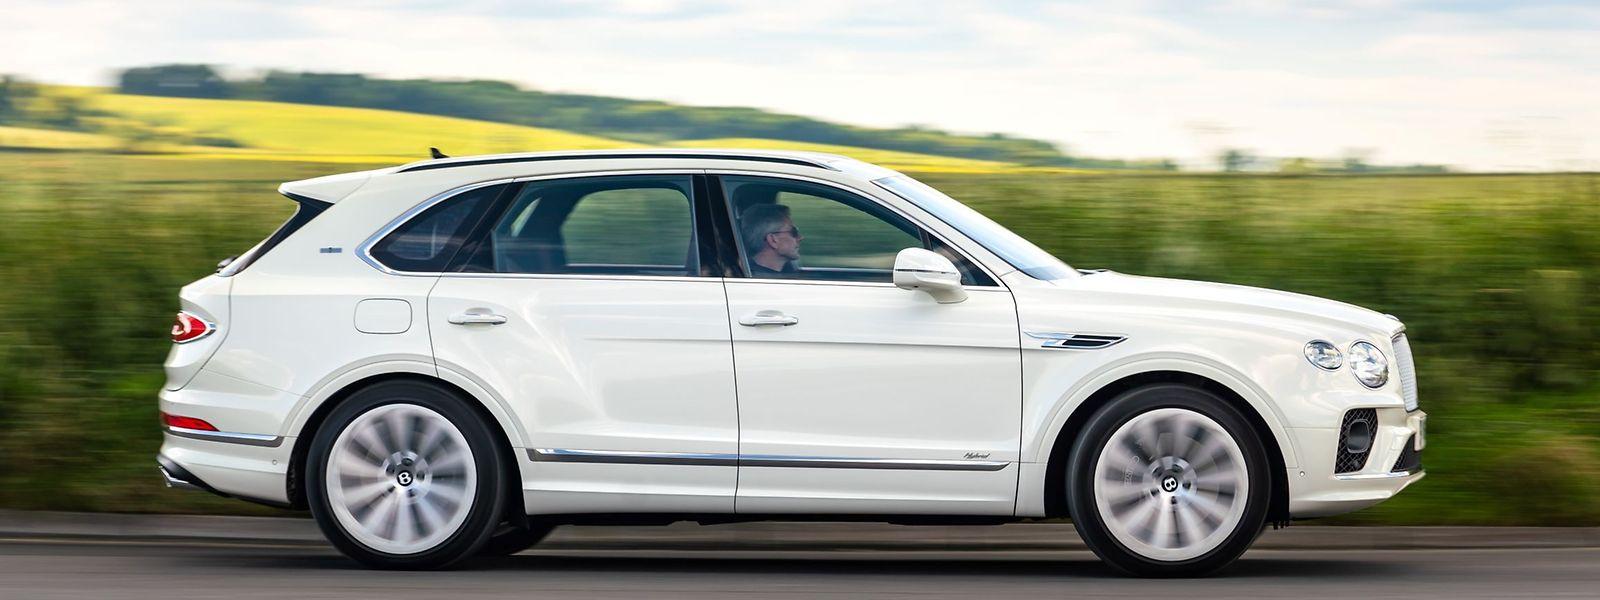 Laut Bentley reicht die rein elektrische Reichweite von 40 Kilometern den meisten Bentayga-Besitzern für ihre täglichen Fahrten.